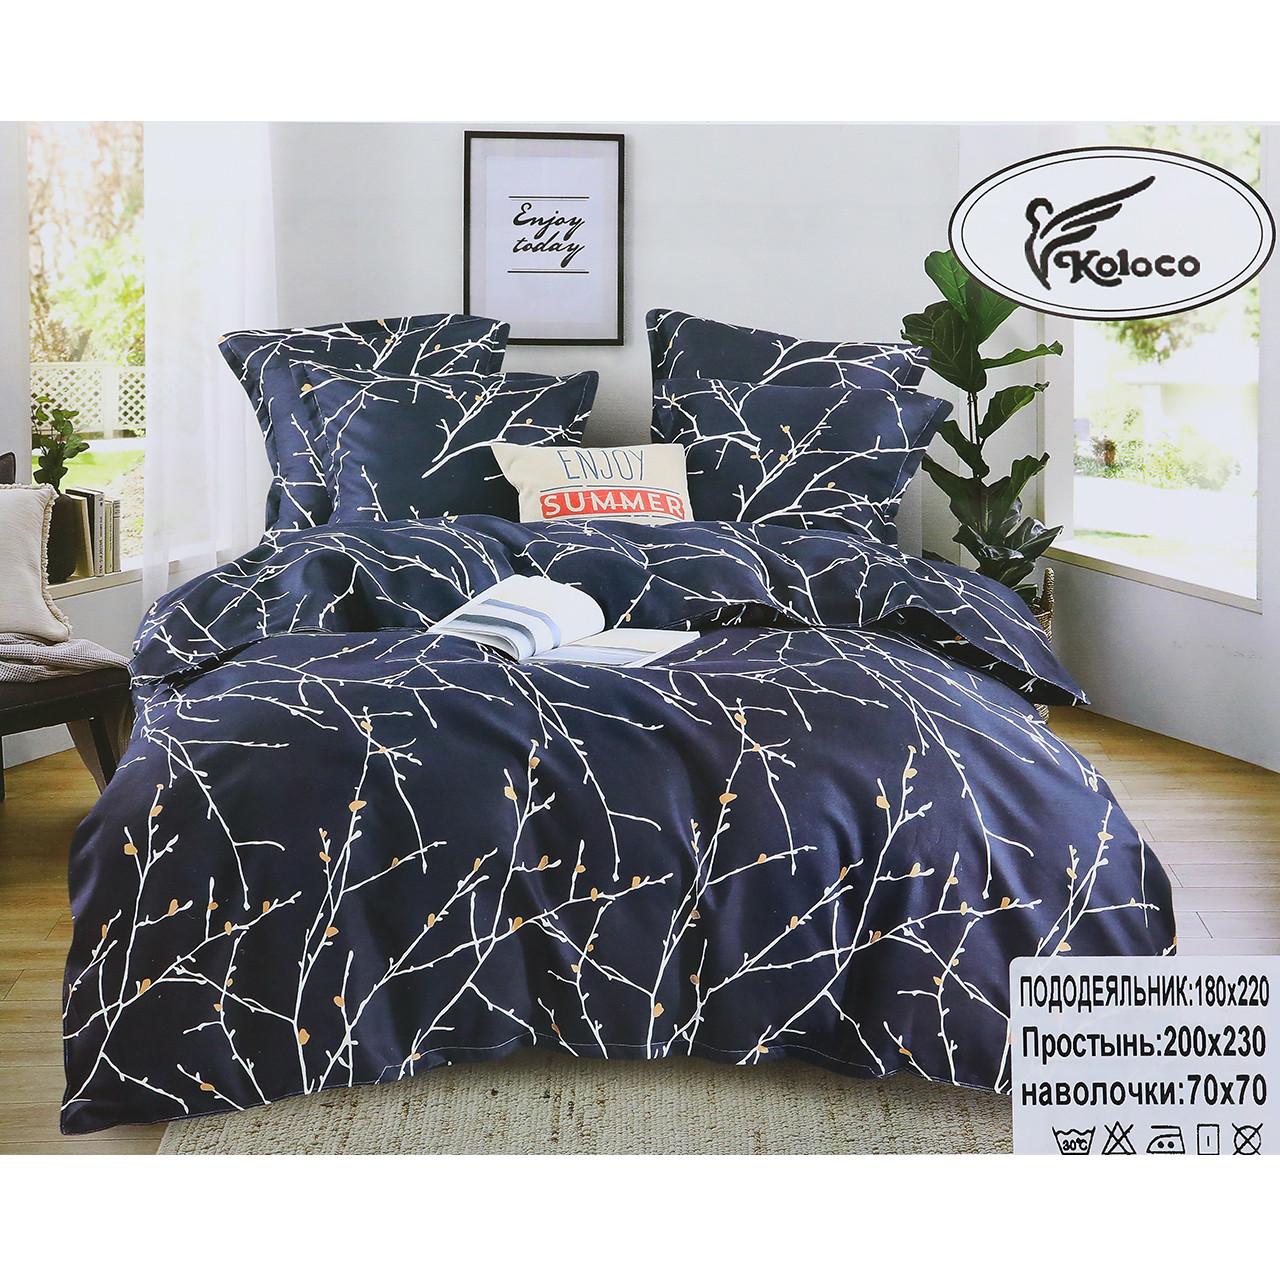 Комплект постельного белья сатиновое двуспальное синее Koloco 180x220см